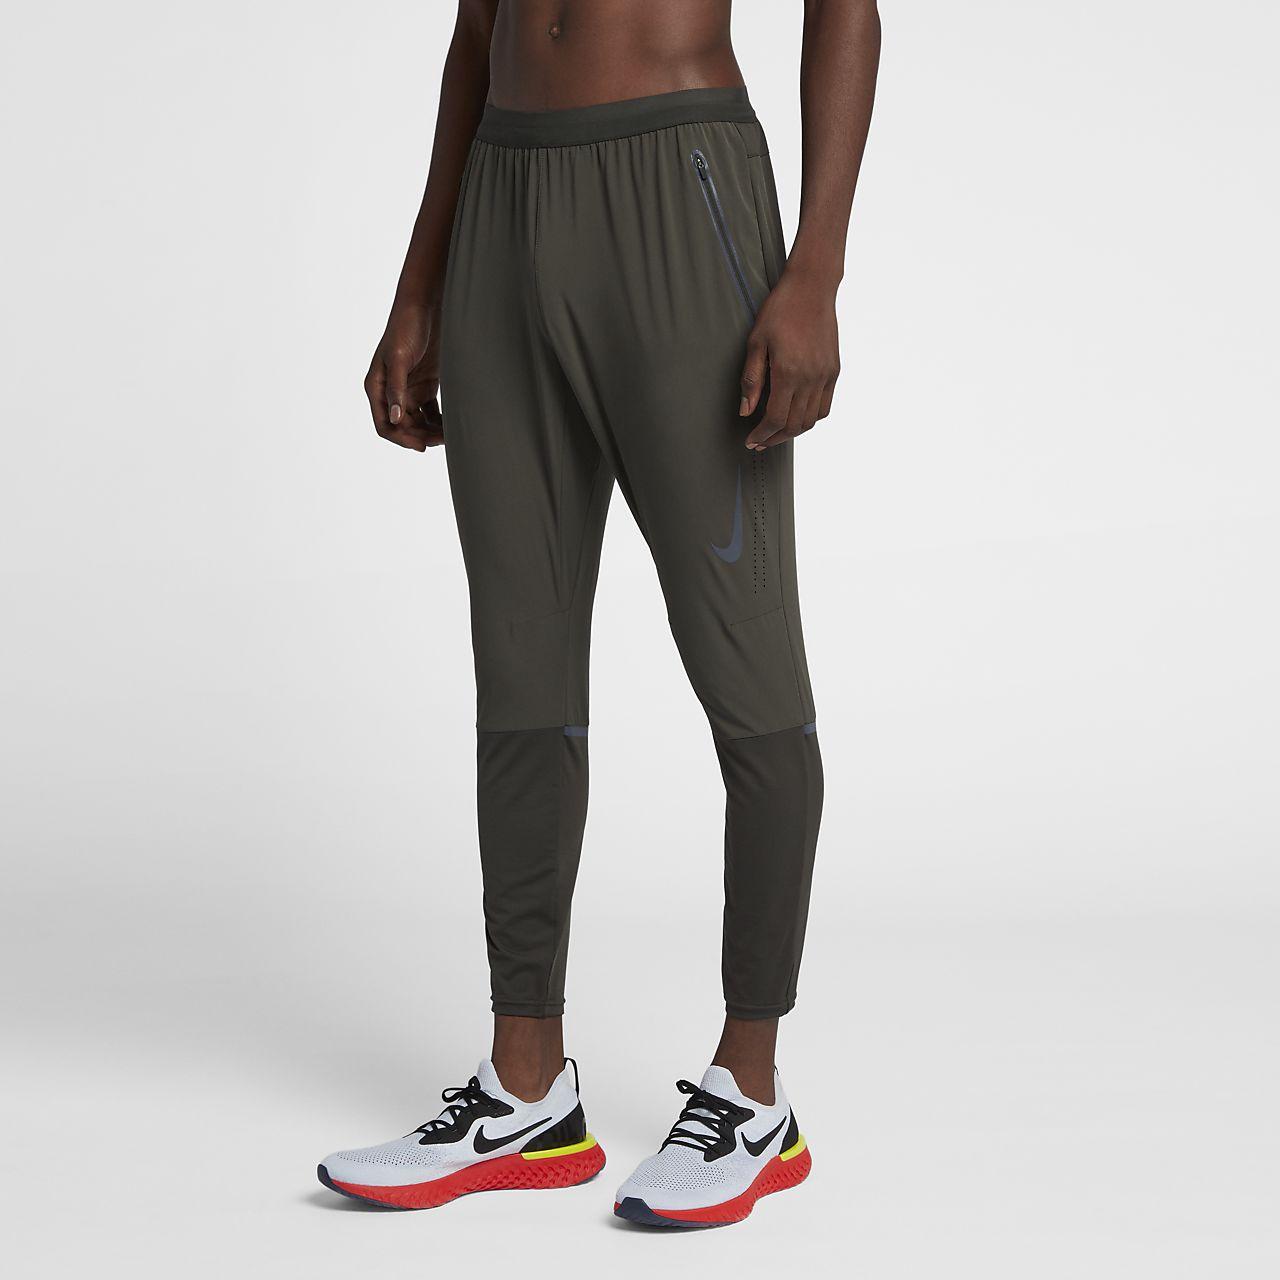 Nike Swift Pantalón de running - Hombre. Nike.com ES 92f89e240f30